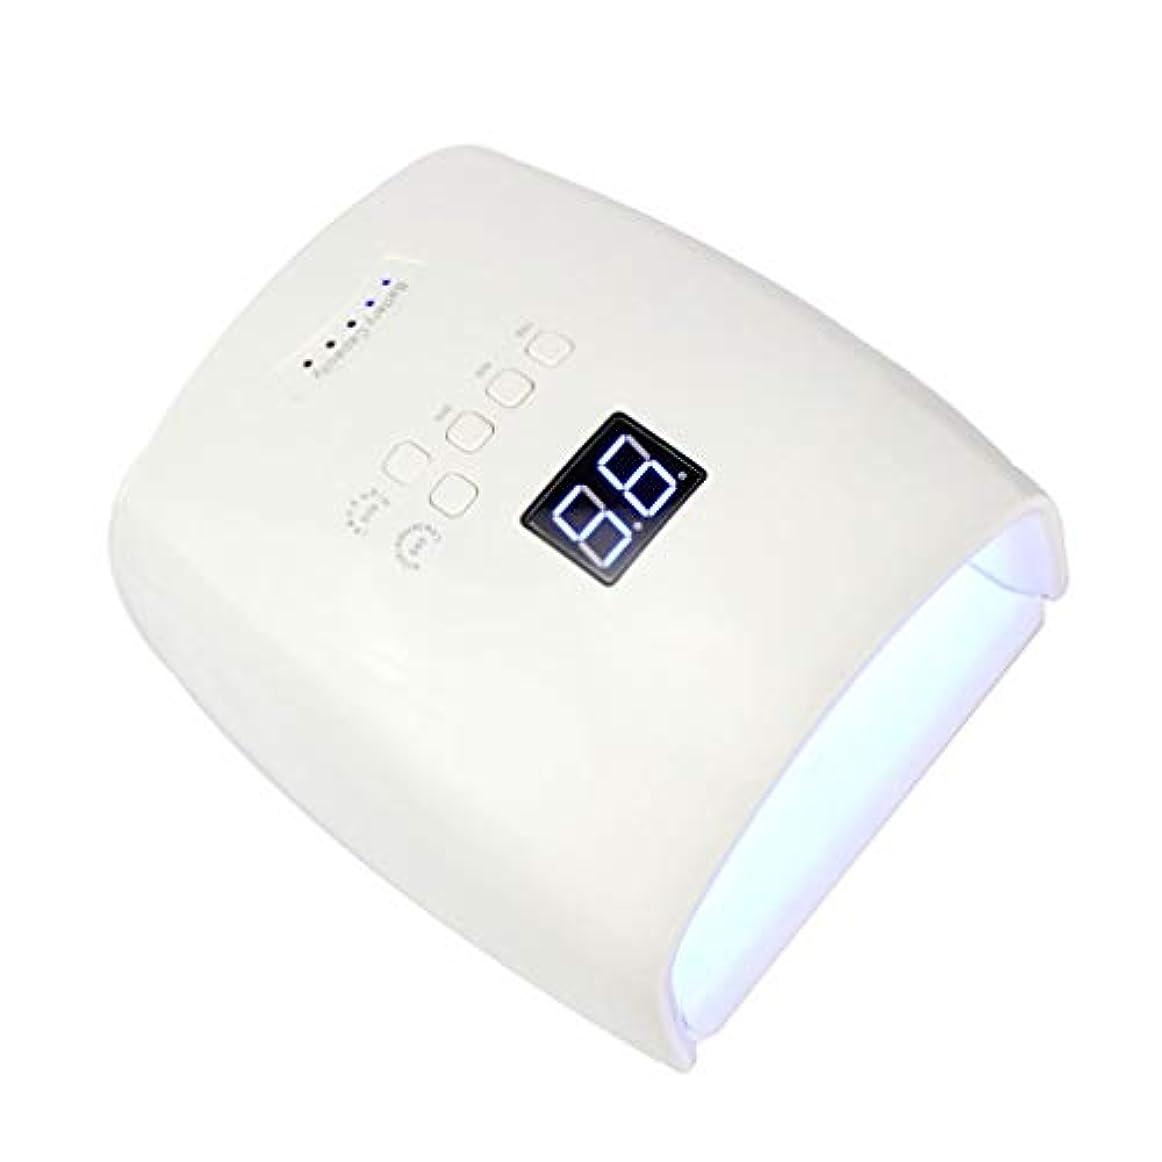 開示する超えるウィザードスマートネイルライト、速乾性ネイルドライヤー、痛みのないモード、内蔵電池、ジェルネイル用紫外線(ホワイト)をホワイトニングする電力貯蔵